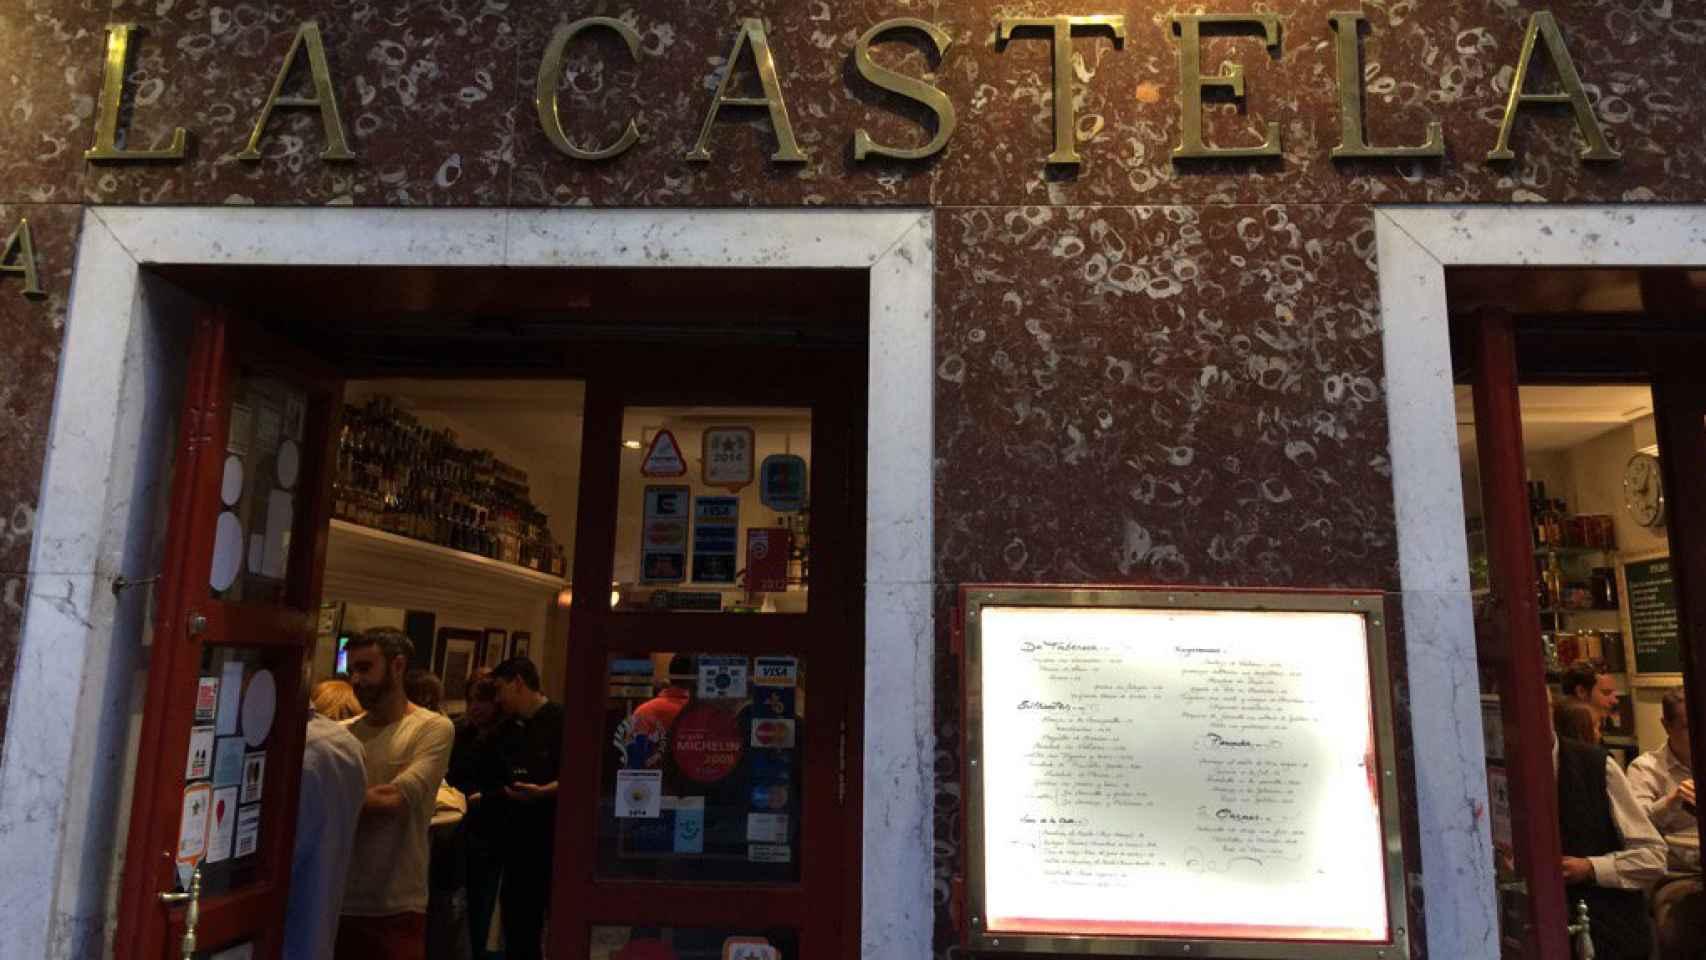 Fachada del restaurante La Castela, en Madrid